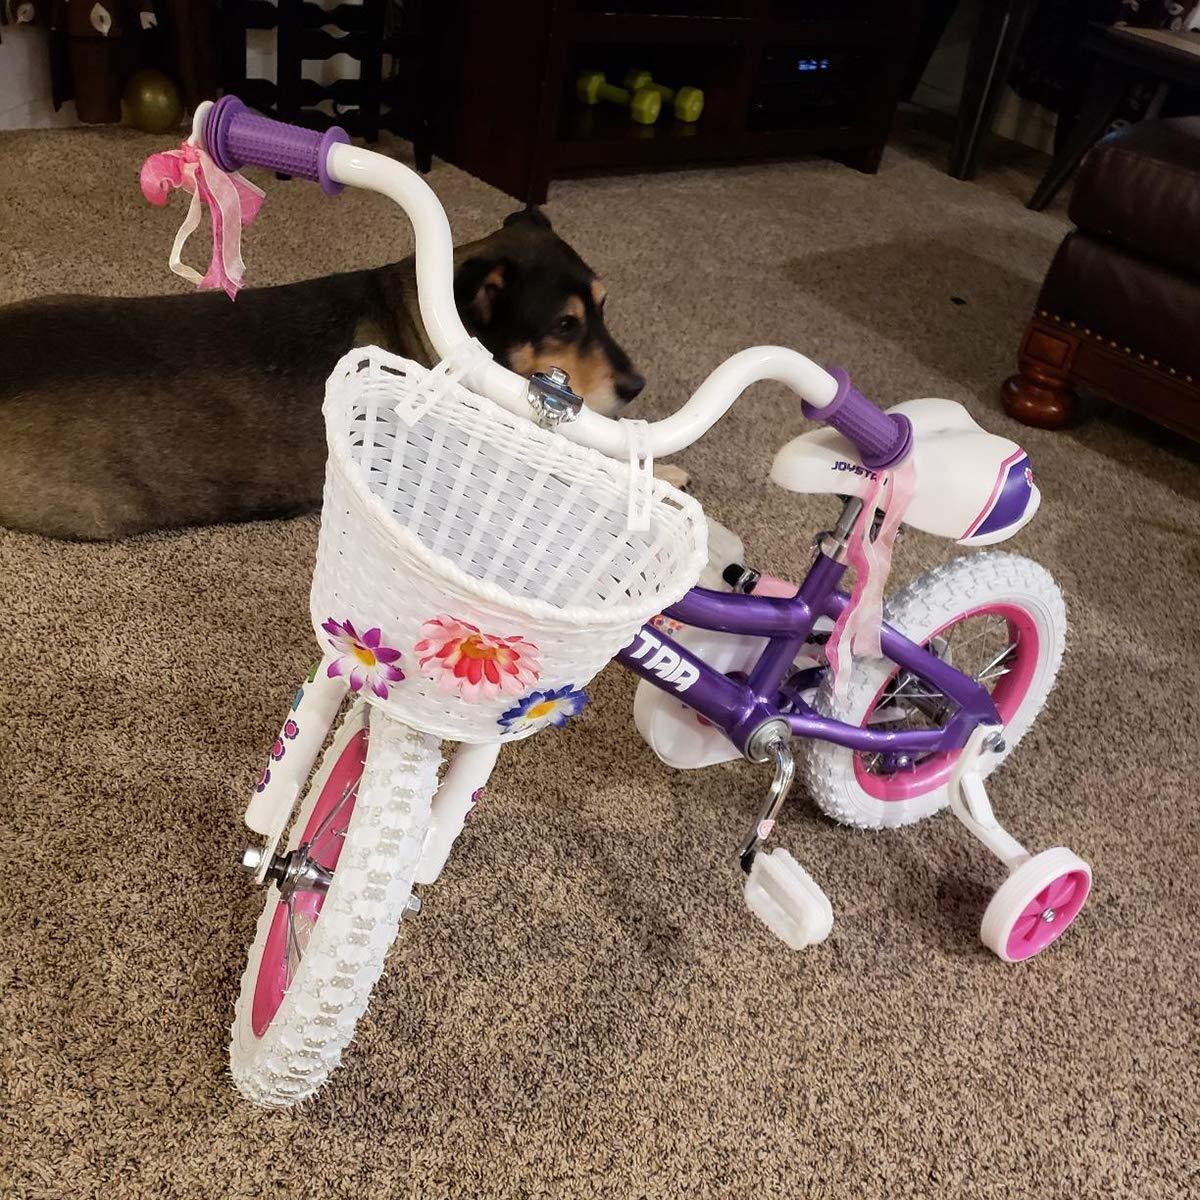 Kids Bicycle Accessories DRBIKE Kids Bike Basket for 12 14 16 18 inch Girls Bike Kids Bicycle Basket with Flower